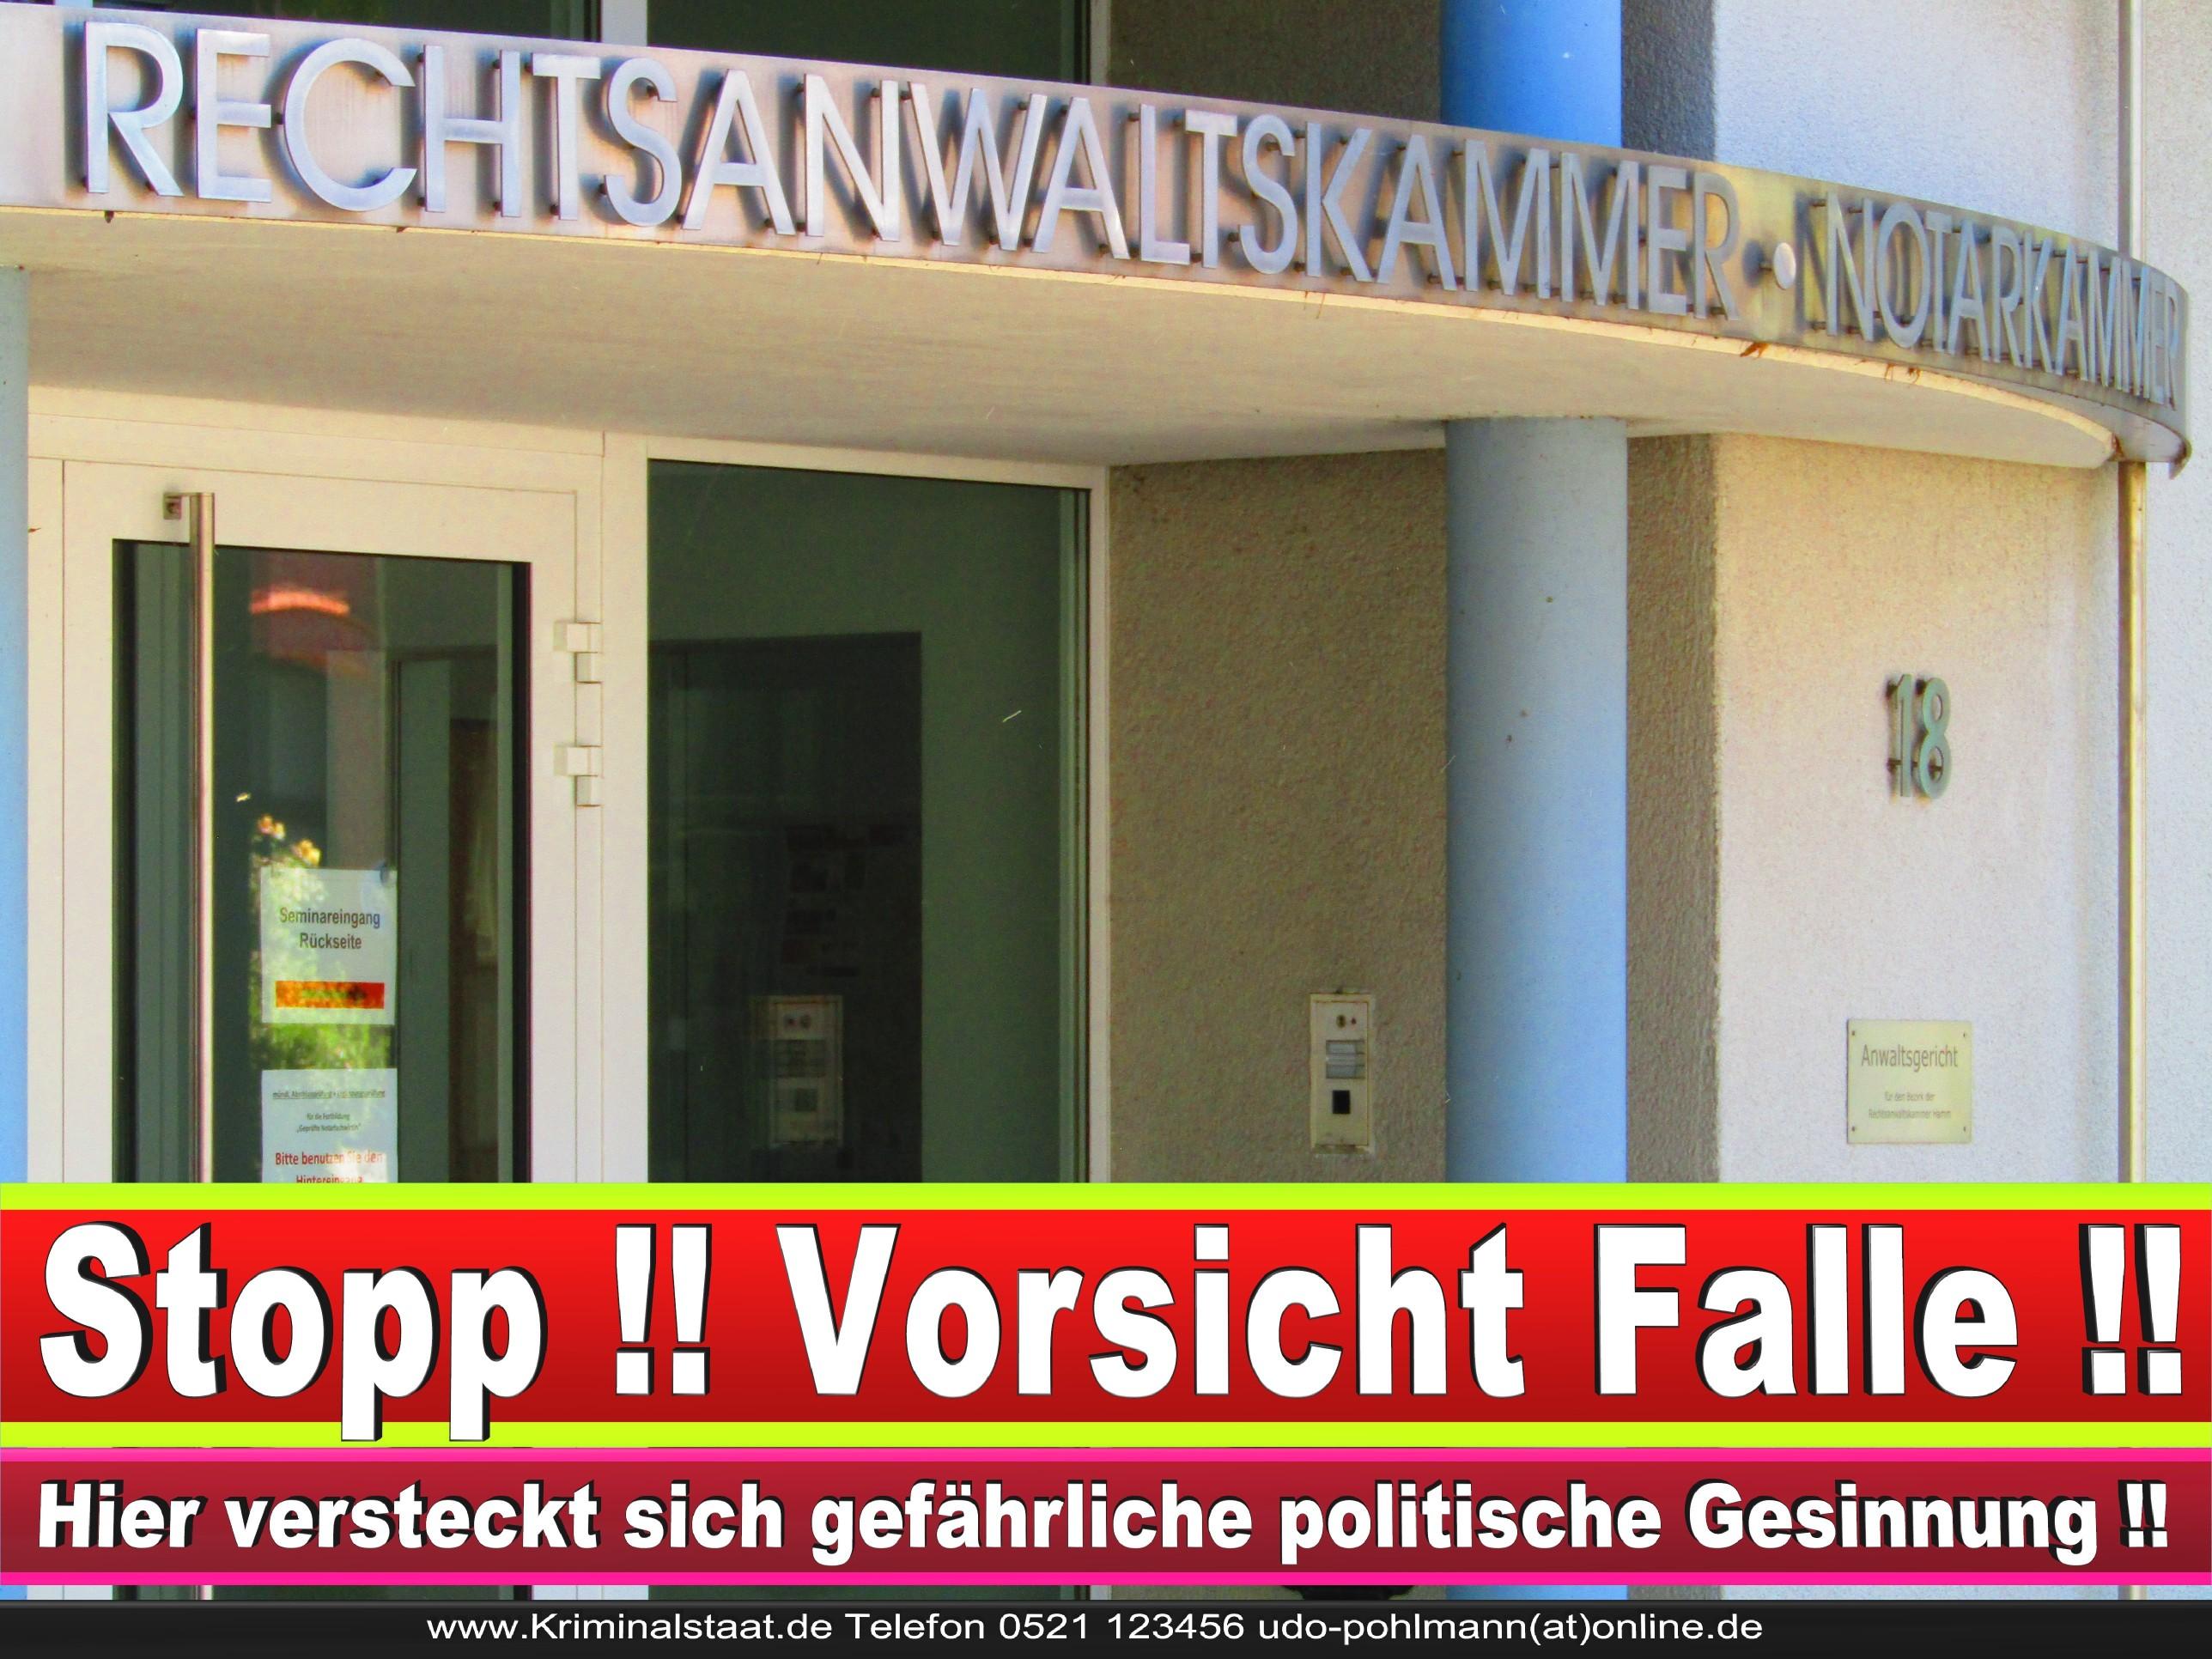 Rechtsanwaltskammer Hamm NRW Justizminister Rechtsanwalt Notar Vermögensverfall Urteil Rechtsprechung CDU SPD FDP Berufsordnung Rechtsanwälte Rechtsprechung (20) 1